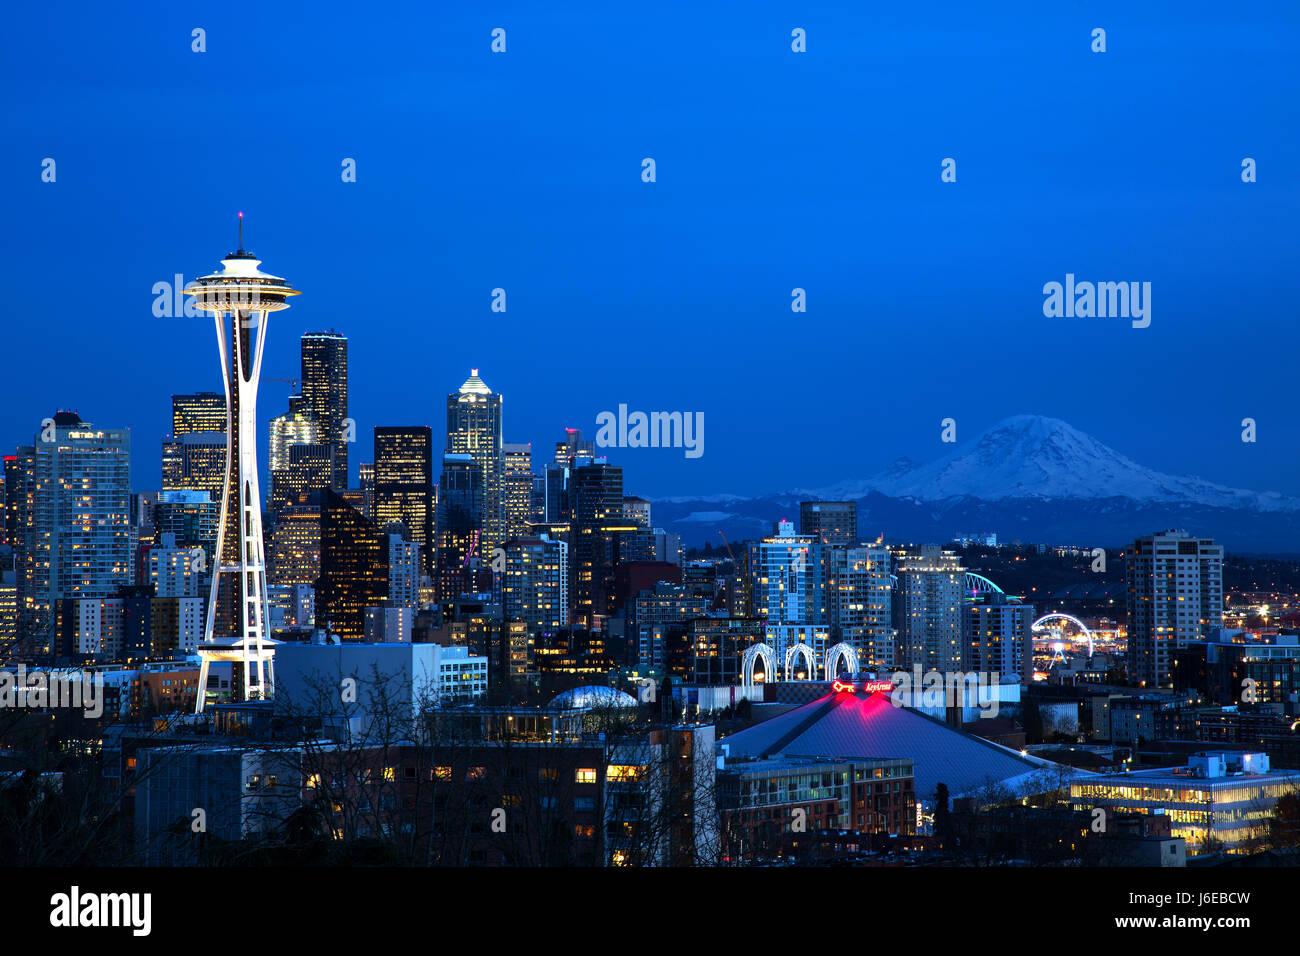 Lo skyline di Seattle con lo Space Needle e Mt. Rainier Immagini Stock